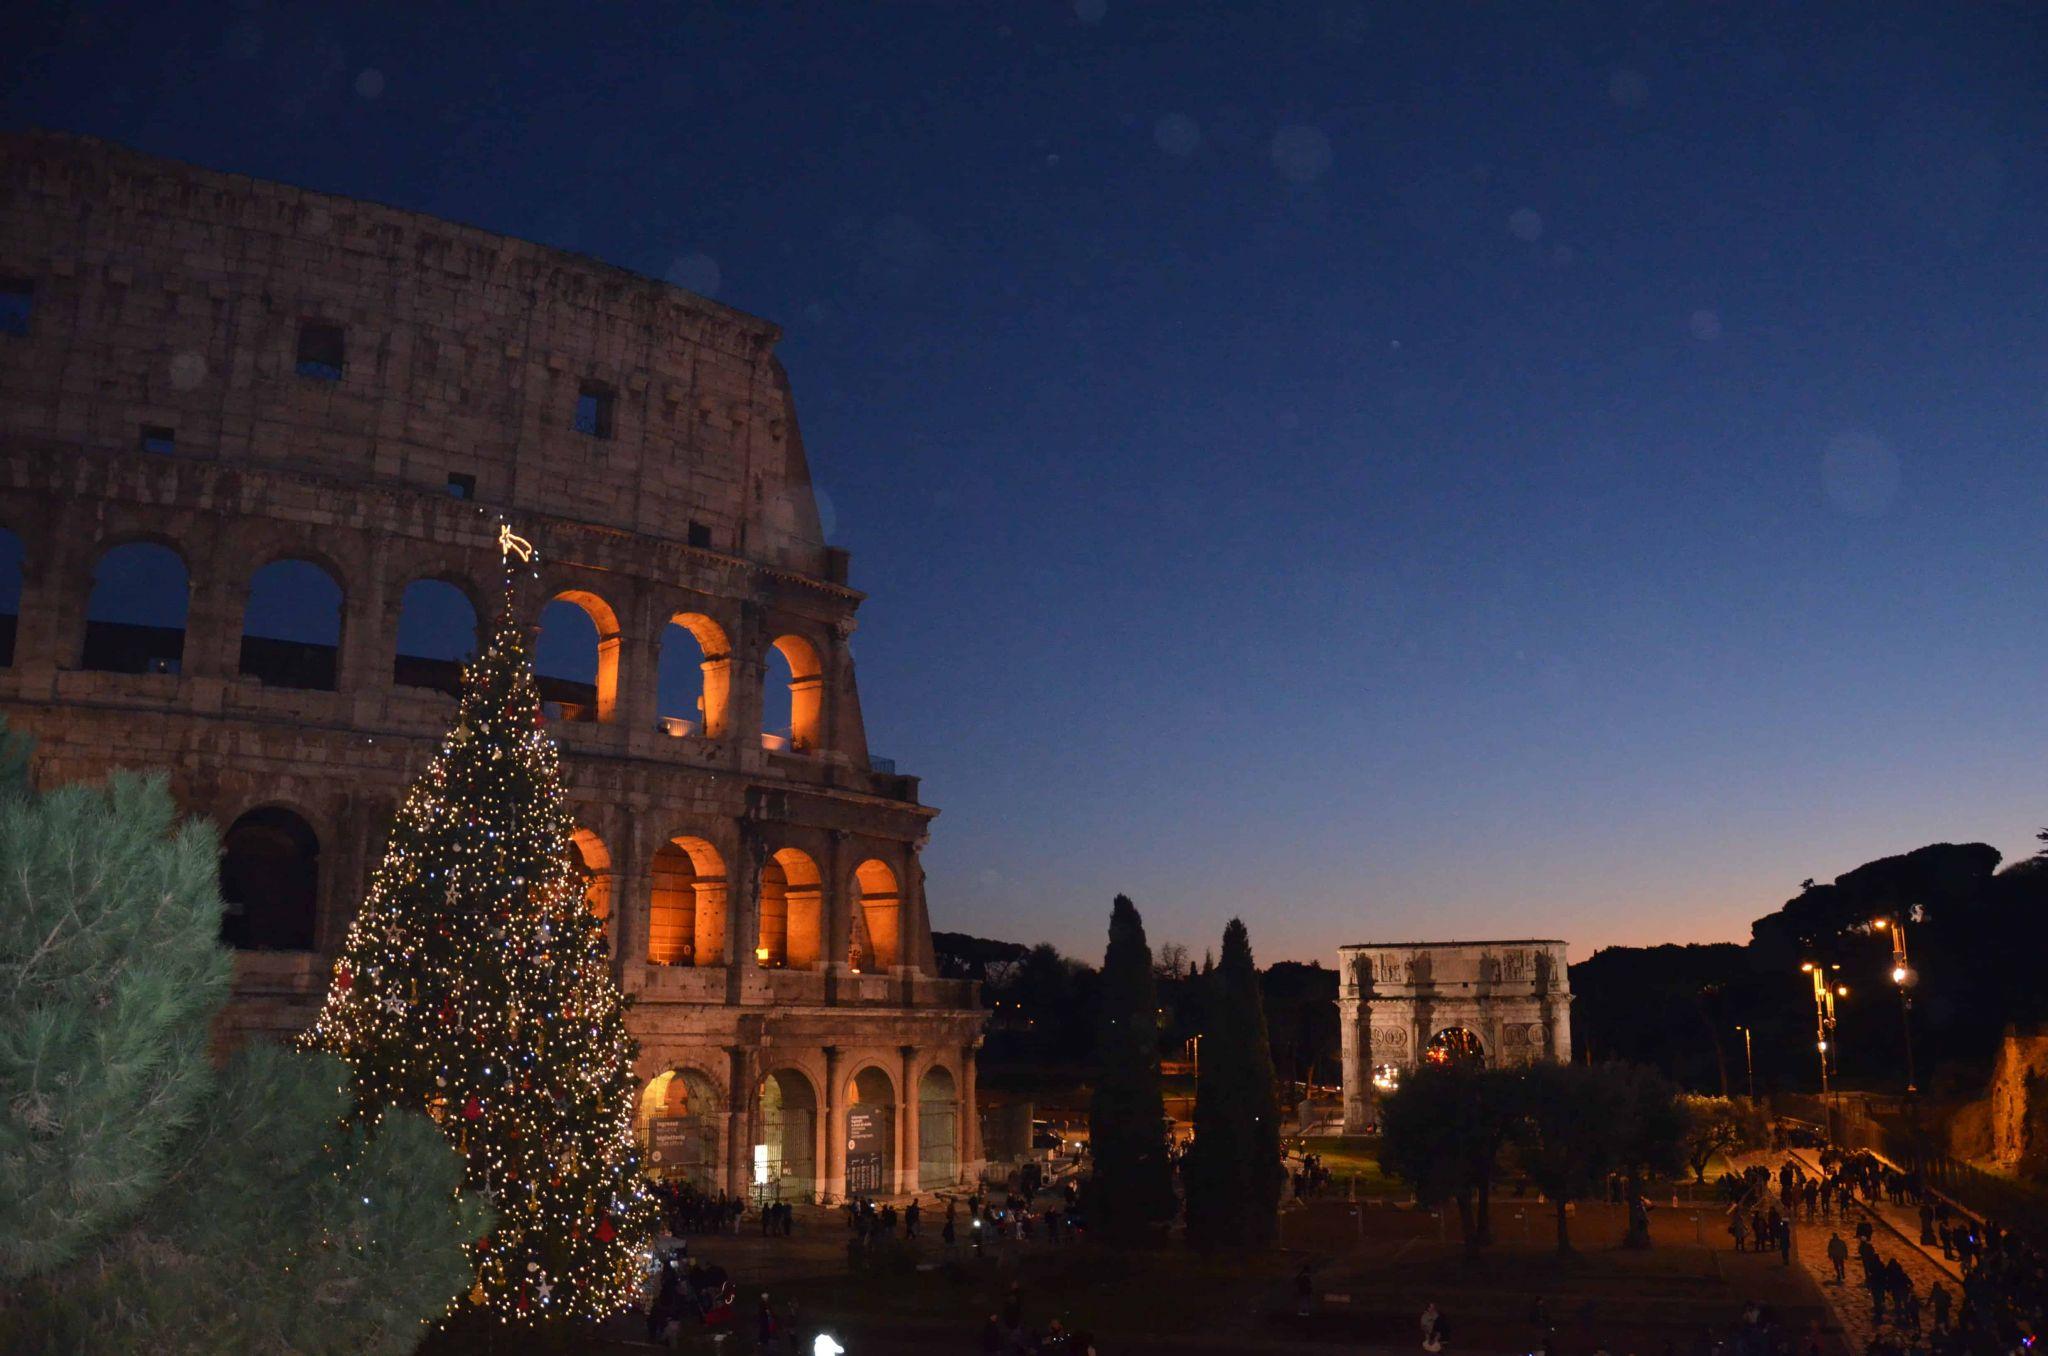 Natale a Roma, la Grande Bellezza - a passeggio dentro il mondo